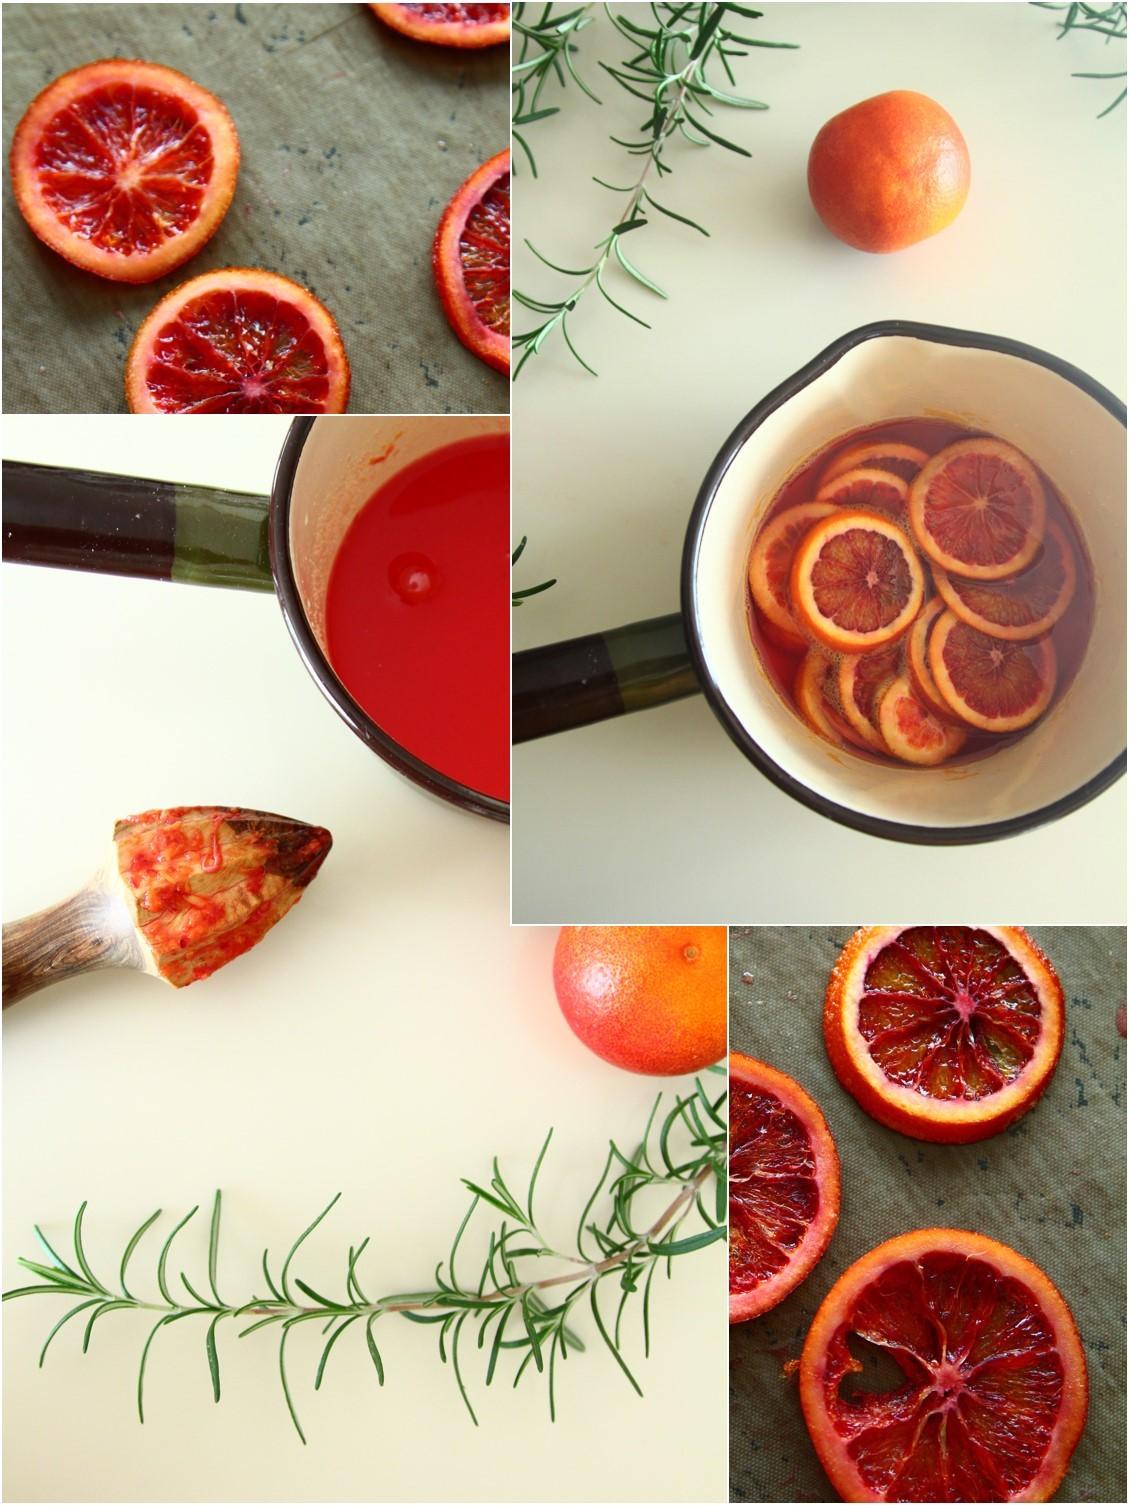 ブラッドオレンジ&ローズマリー ドリズルケーキ_a0107981_13412948.jpg